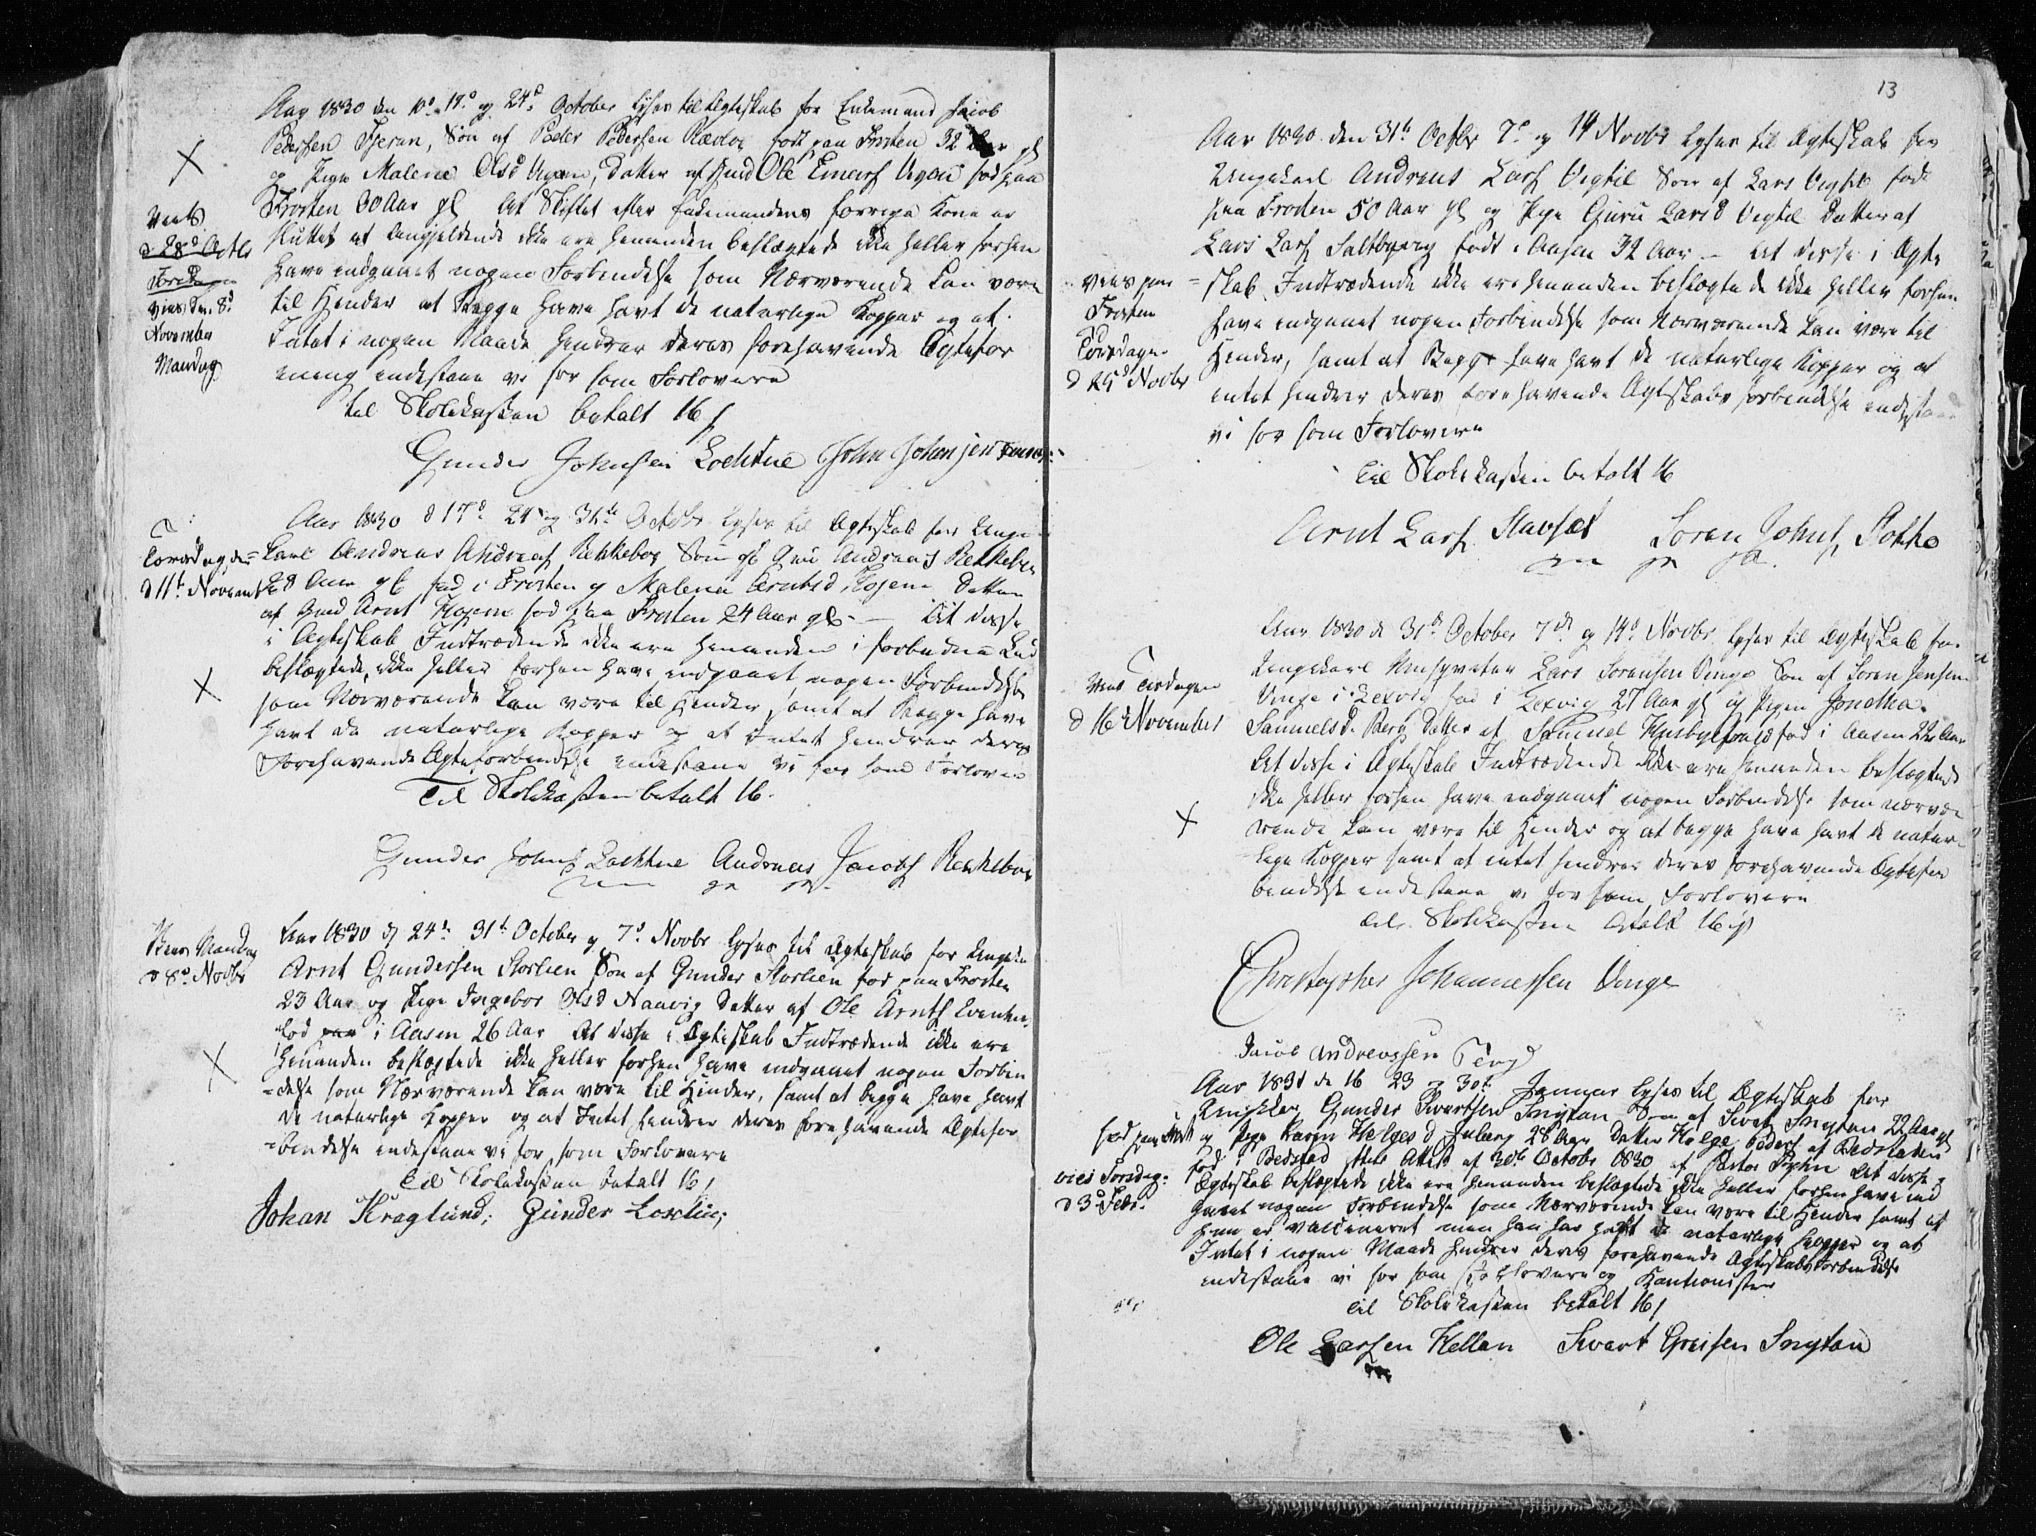 SAT, Ministerialprotokoller, klokkerbøker og fødselsregistre - Nord-Trøndelag, 713/L0114: Ministerialbok nr. 713A05, 1827-1839, s. 13